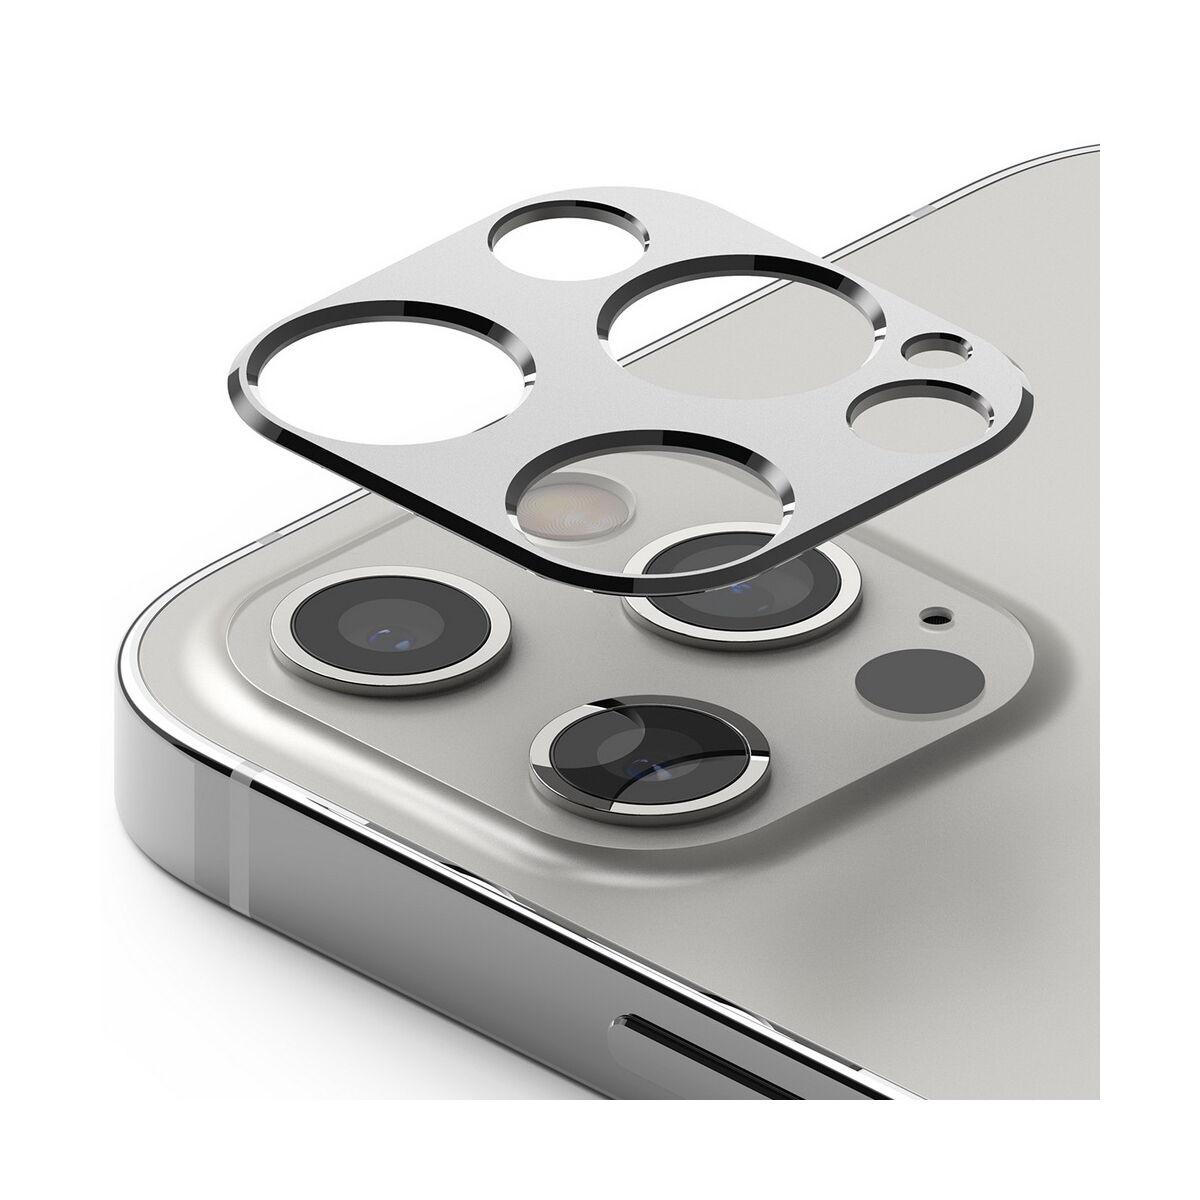 Ringke iPhone 12 Pro Max, Camera Stlying, kamera sziget védő keret, Ezüst